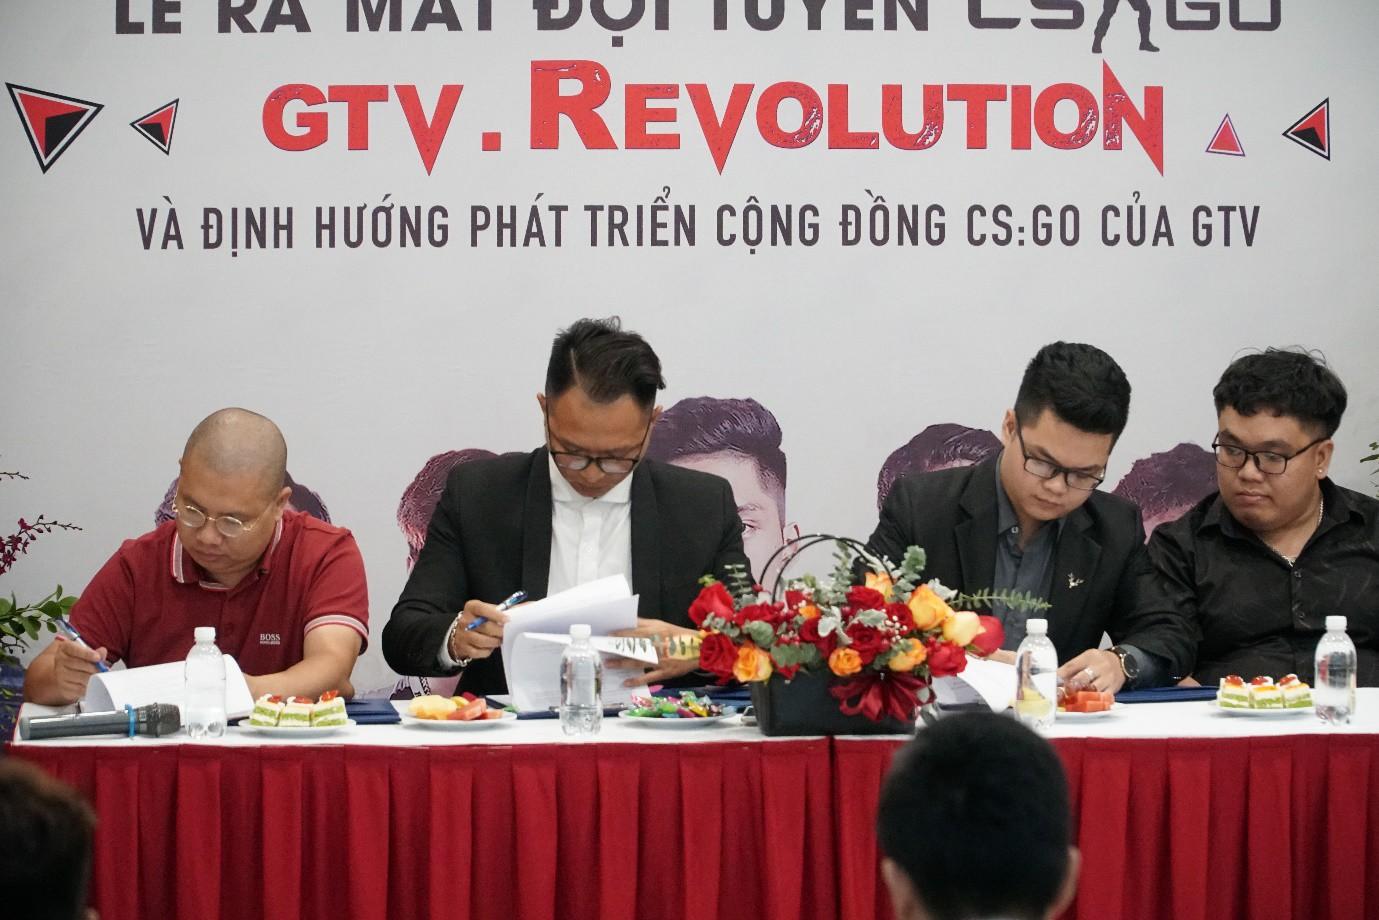 Họp báo ra mắt Đội tuyển CS:GO GTV.Revolution